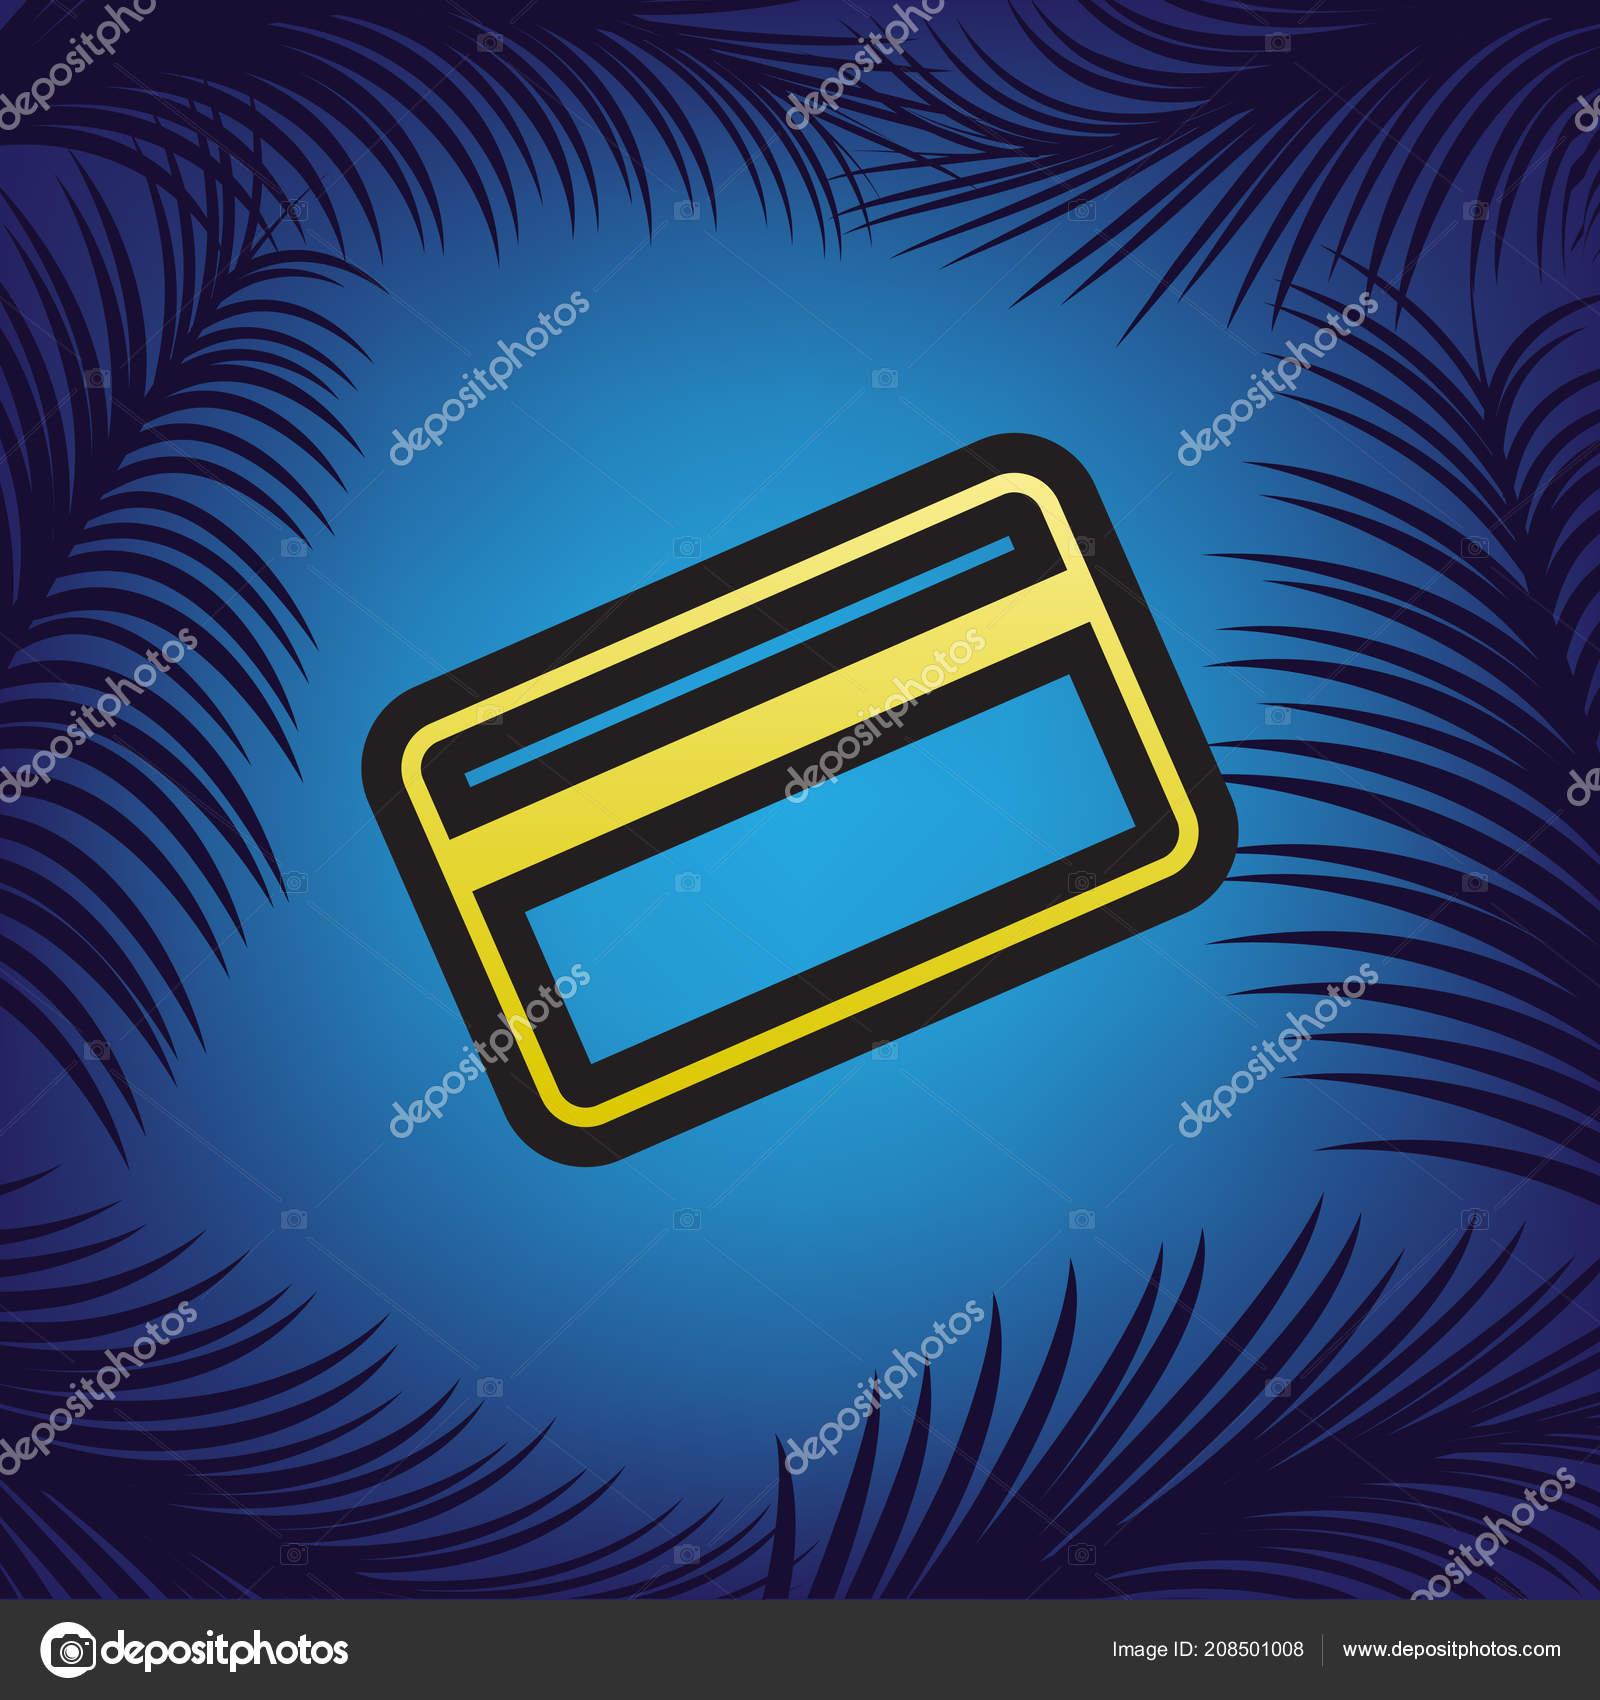 L'icône du dossier. Télécharger symbole. Flat vector illustration.